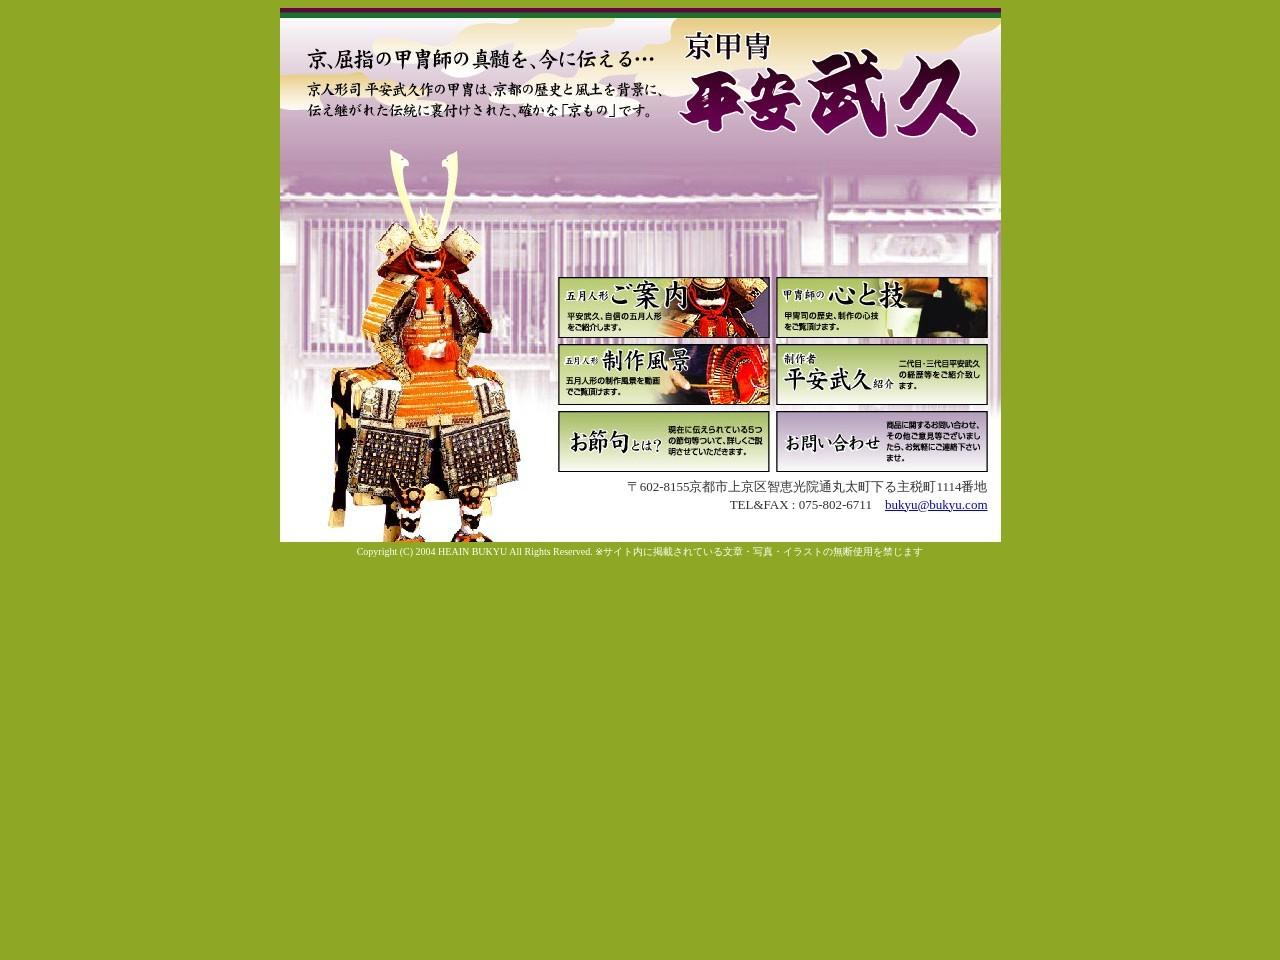 京、屈指の甲冑師の真髄を今に伝える… 京甲冑・京人形司「平安武久」